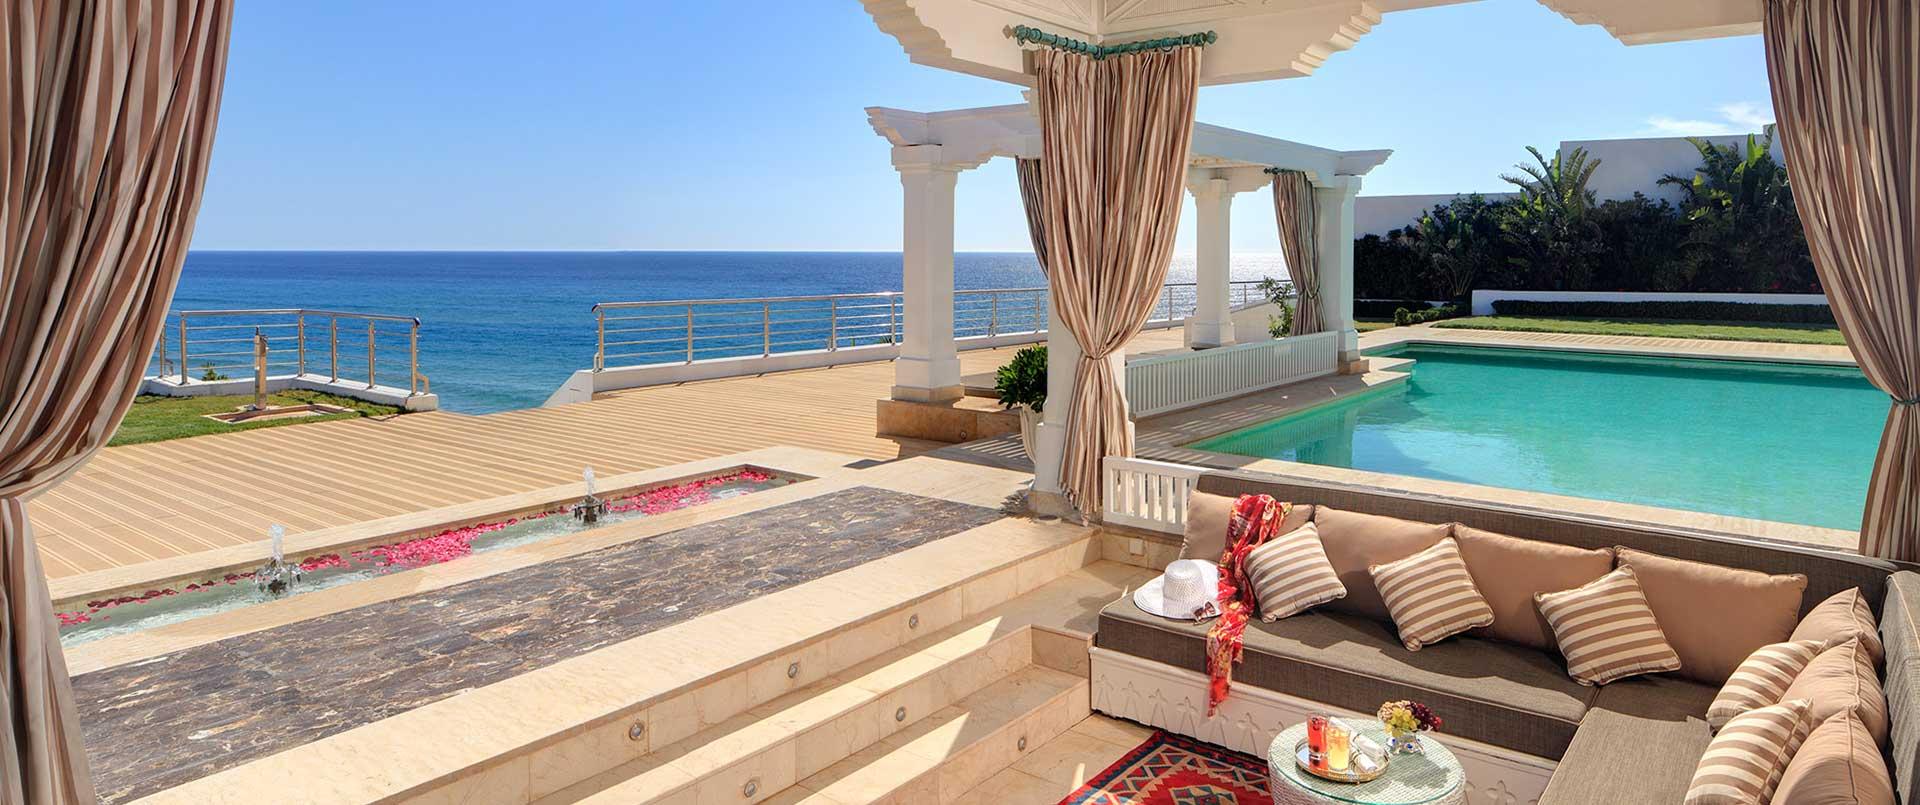 Hotel Club Le Mirage